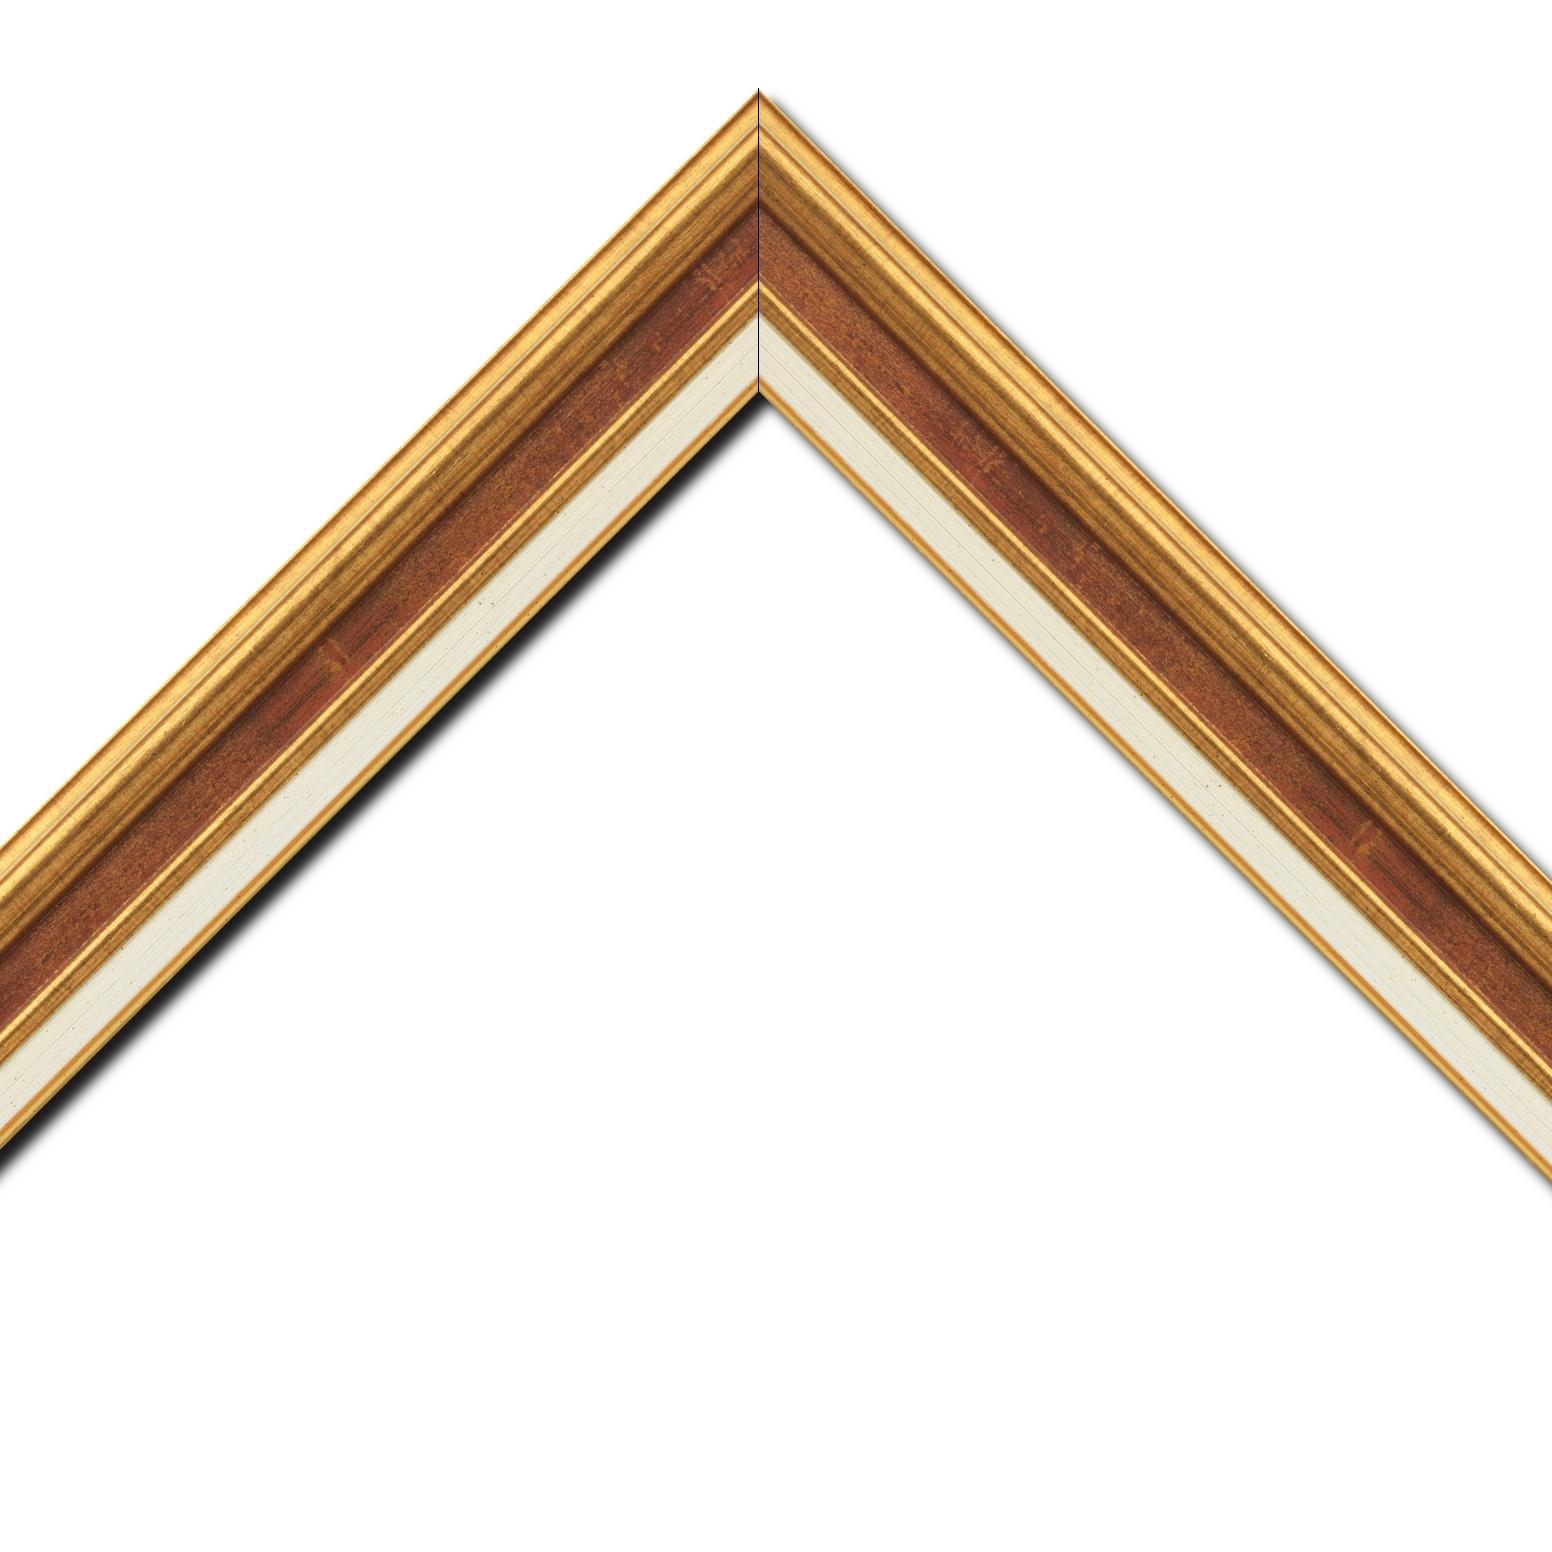 Baguette bois largeur 5.2cm or gorge bordeaux fond or marie louise crème filet or intégrée